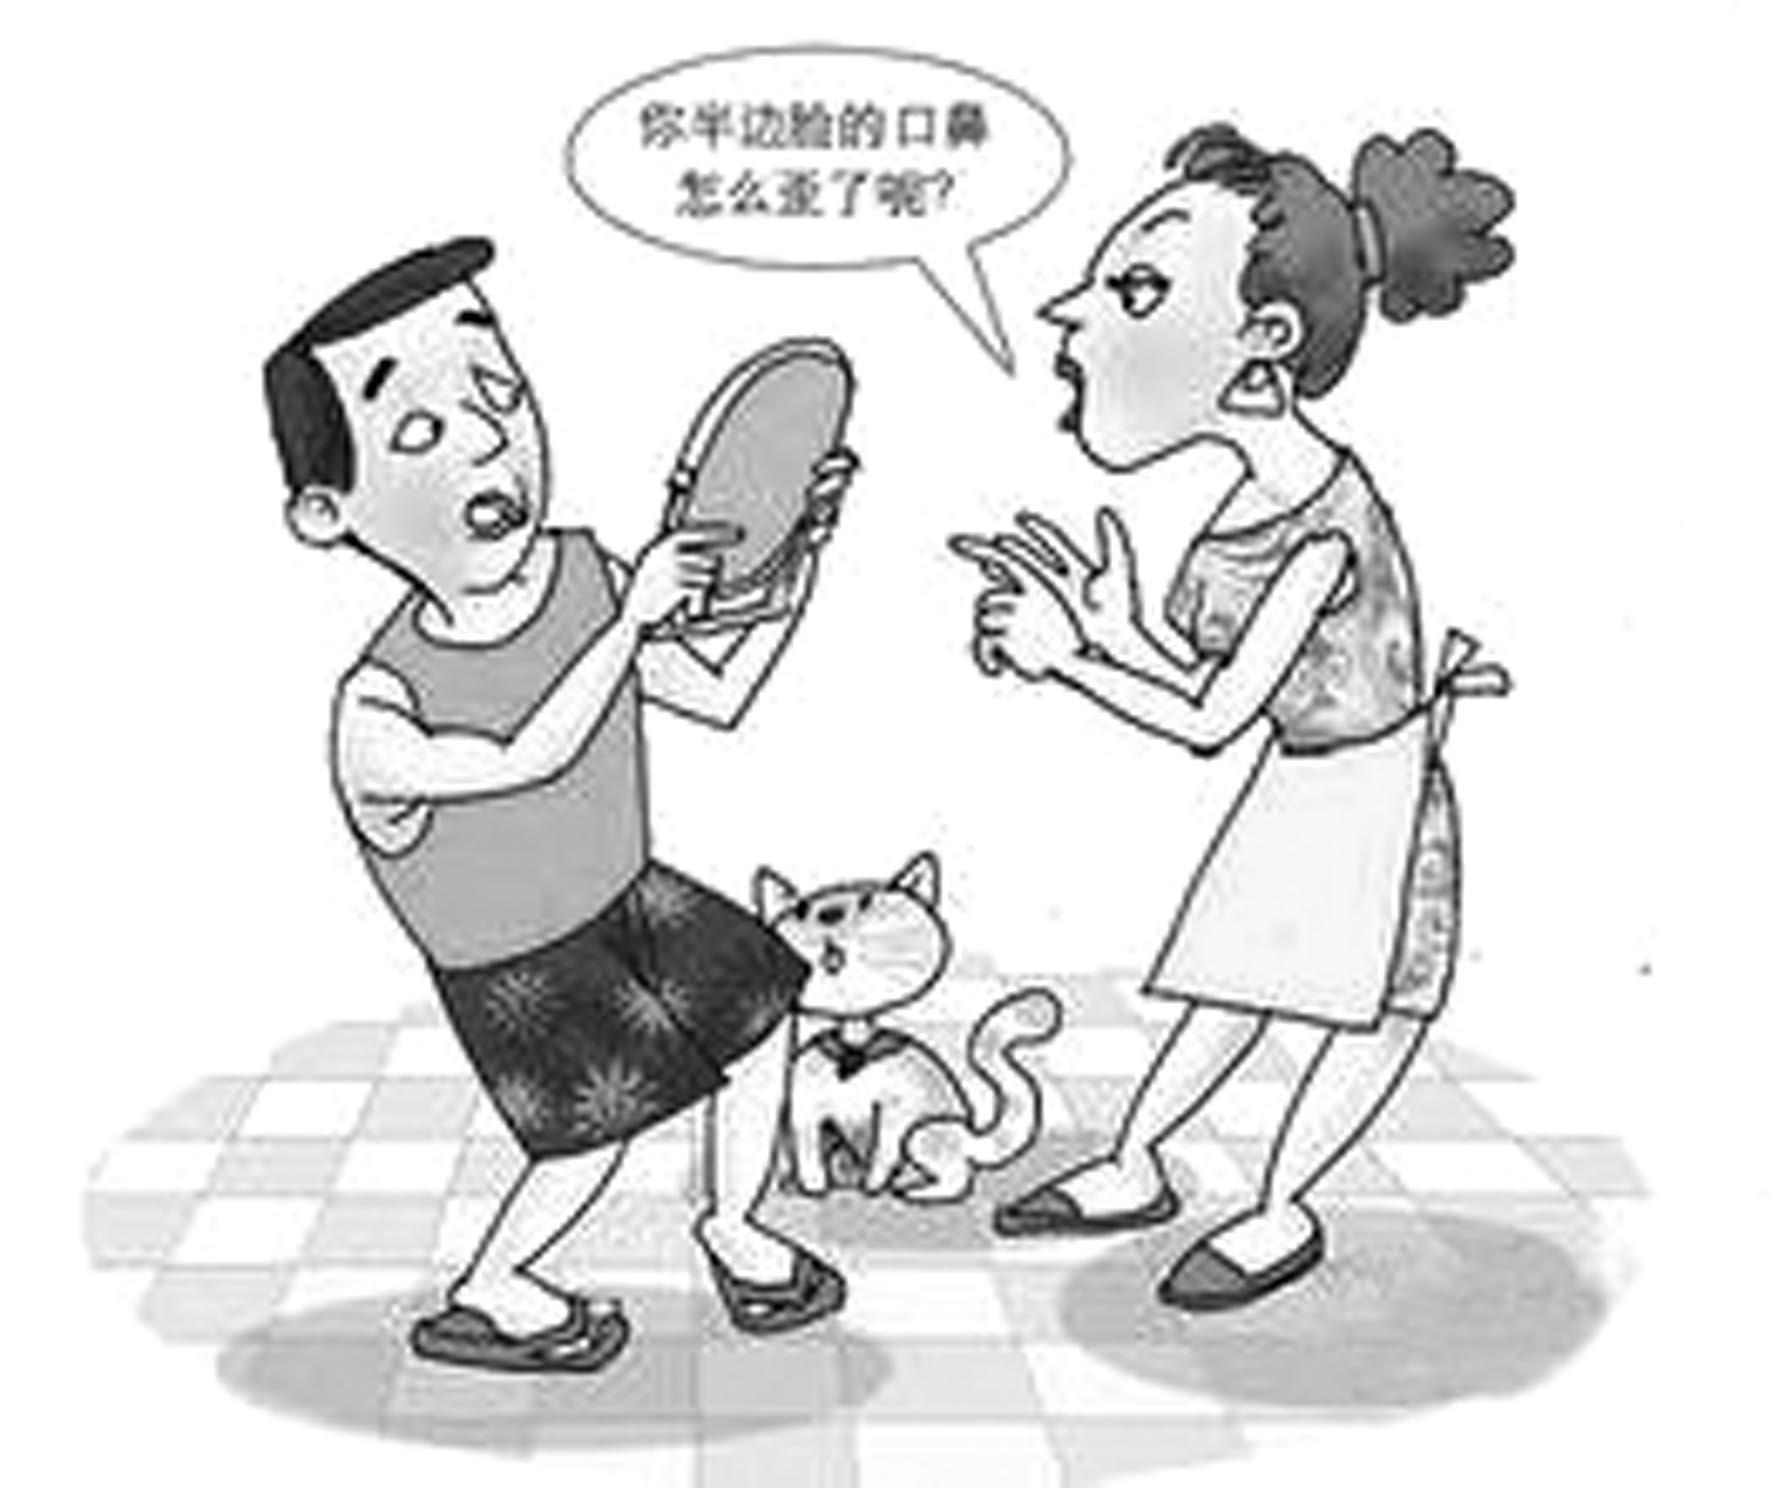 卡通船_第7页_乐乐简笔画